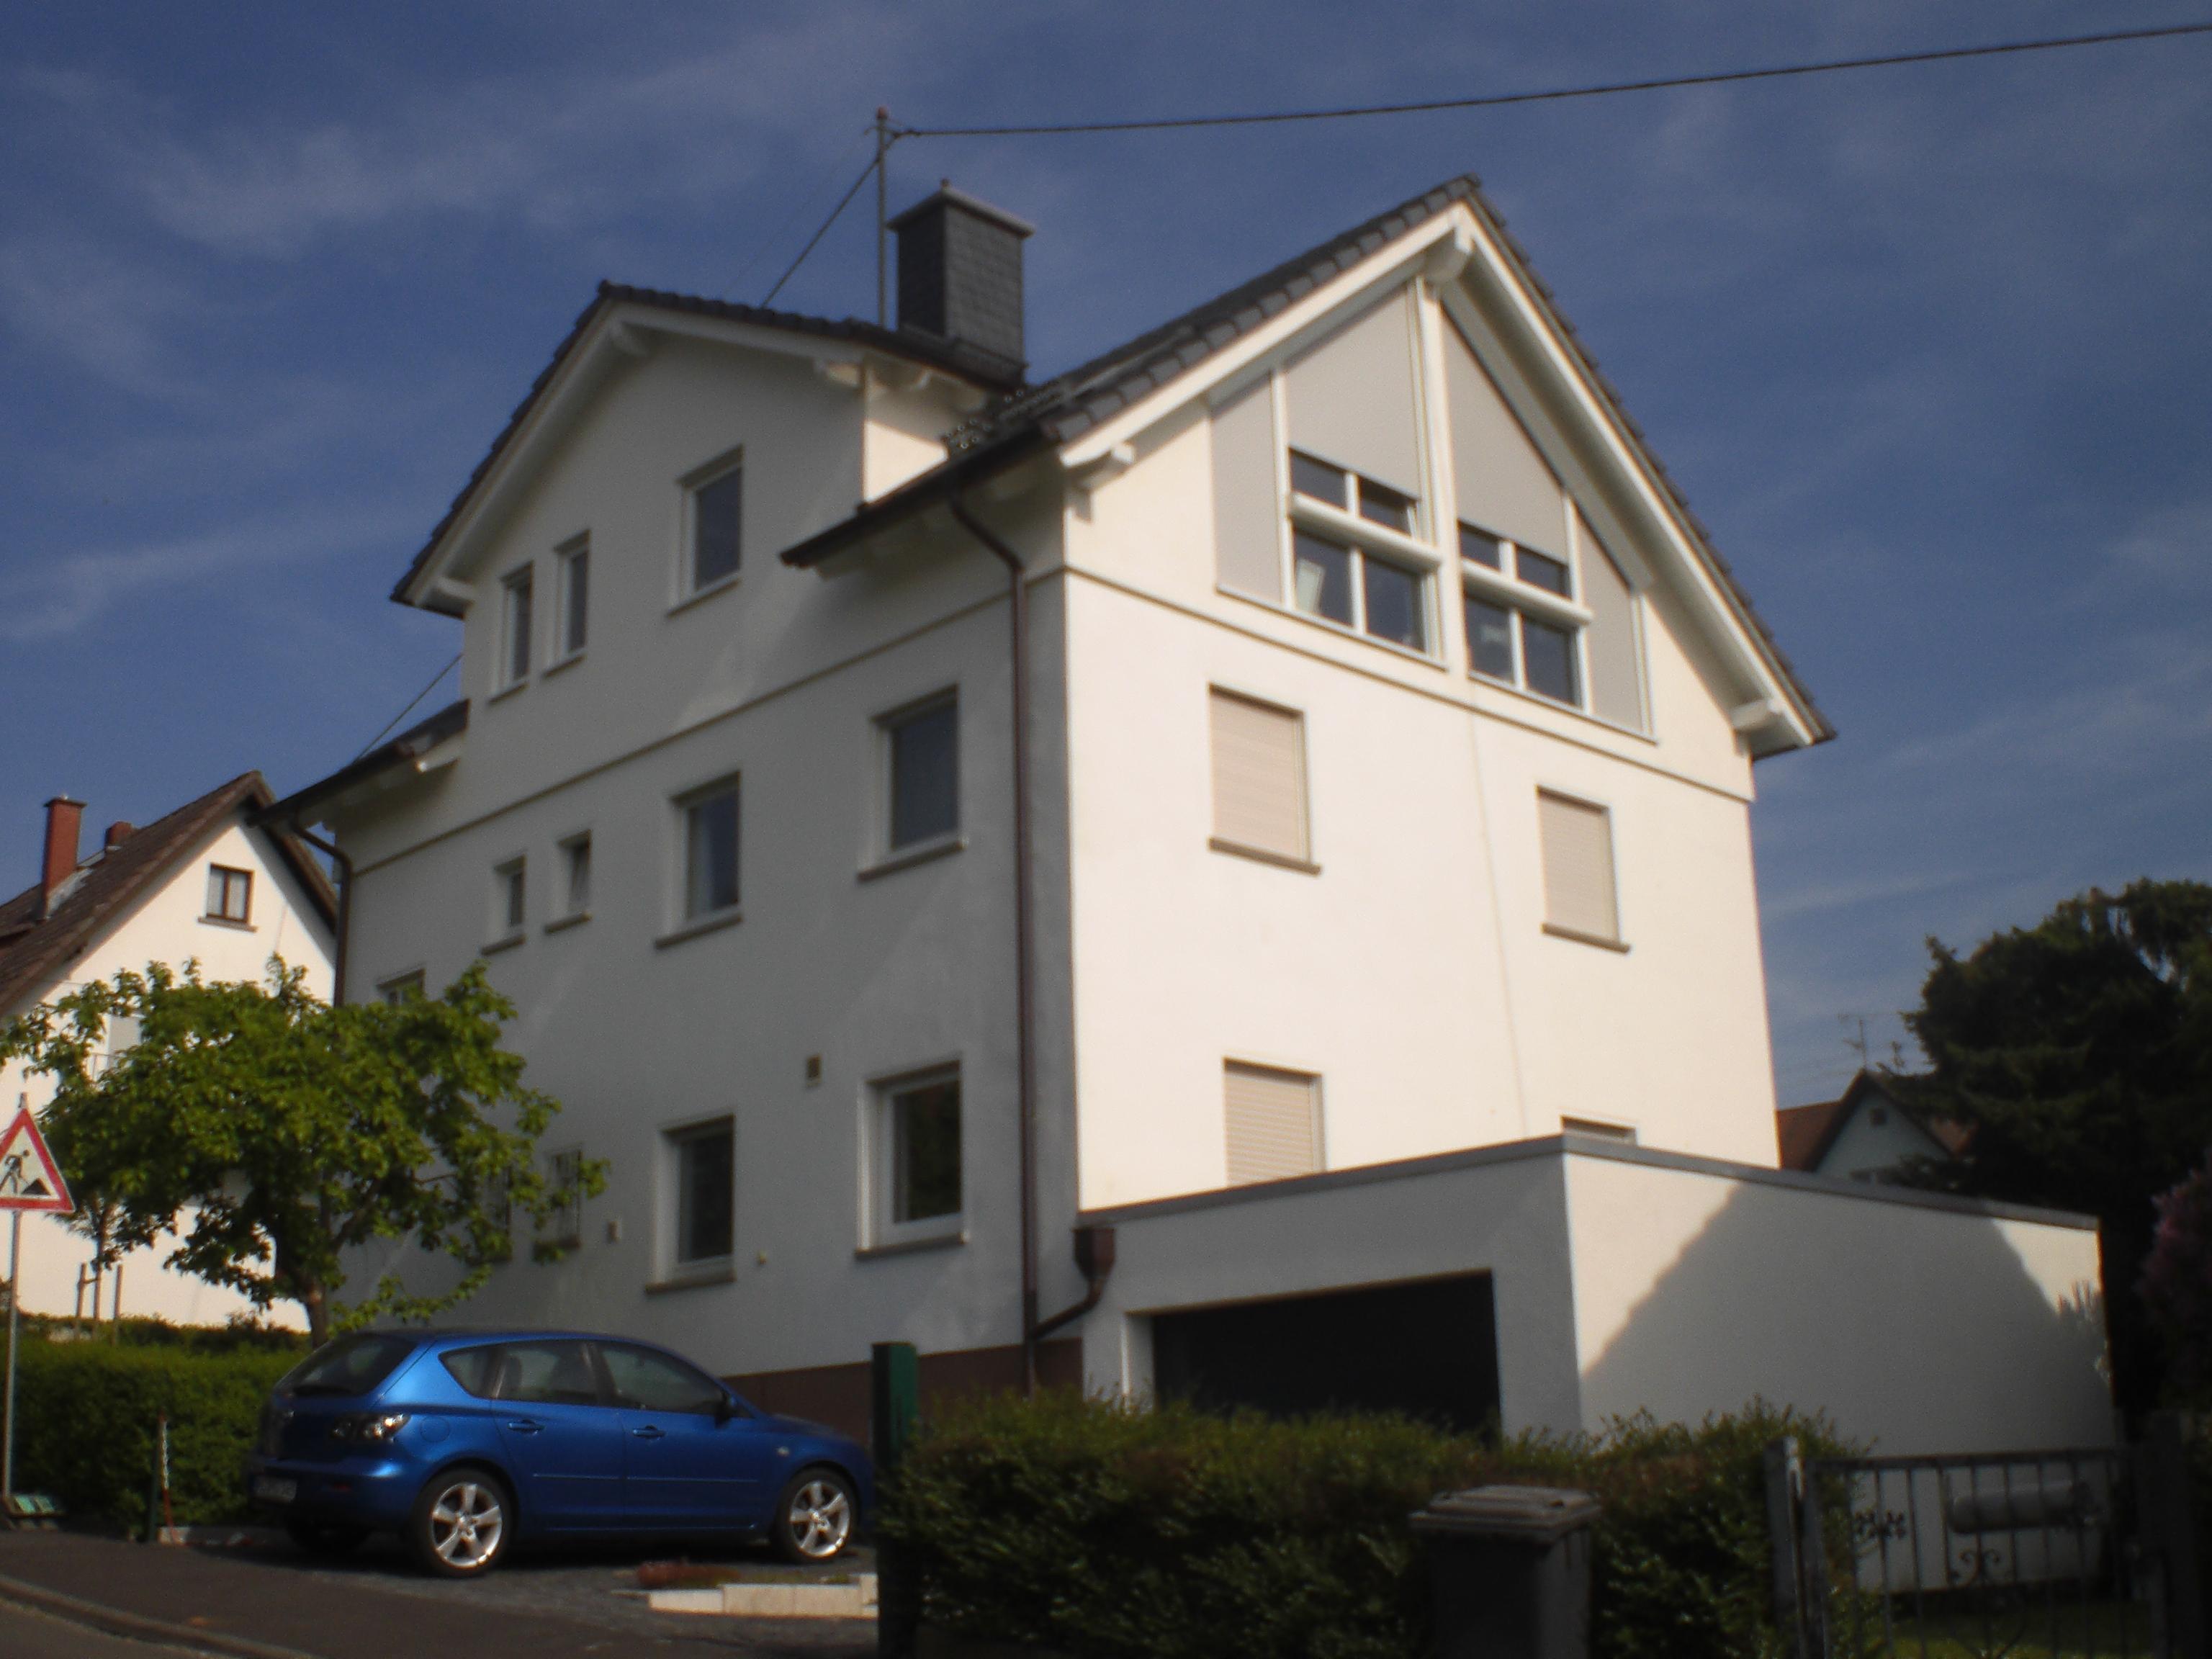 Umbau und Aufstockung eines Mehrfamilienhauses in Königstein